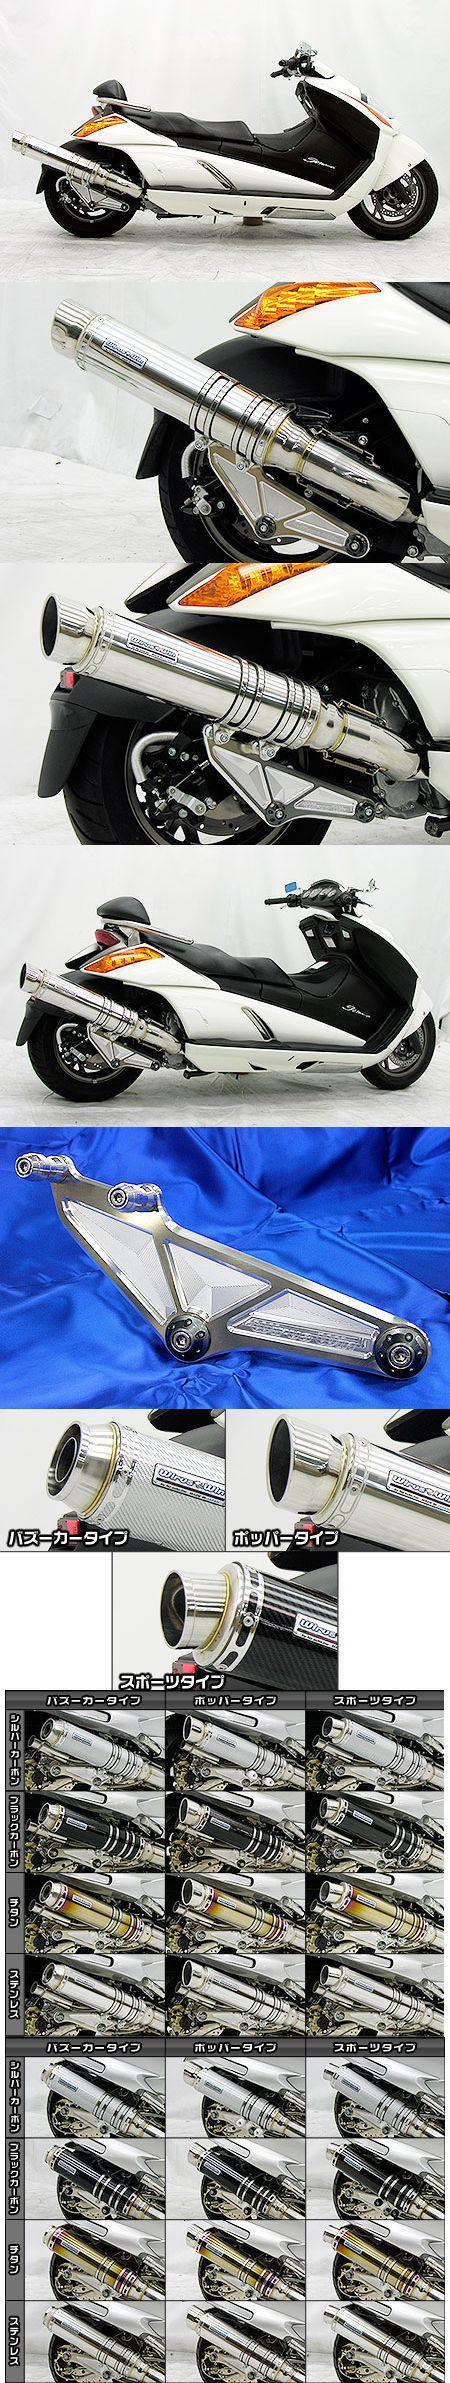 【WirusWin】Ultimate全段排氣管 不鏽鋼款式 Spotrs型 - 「Webike-摩托百貨」